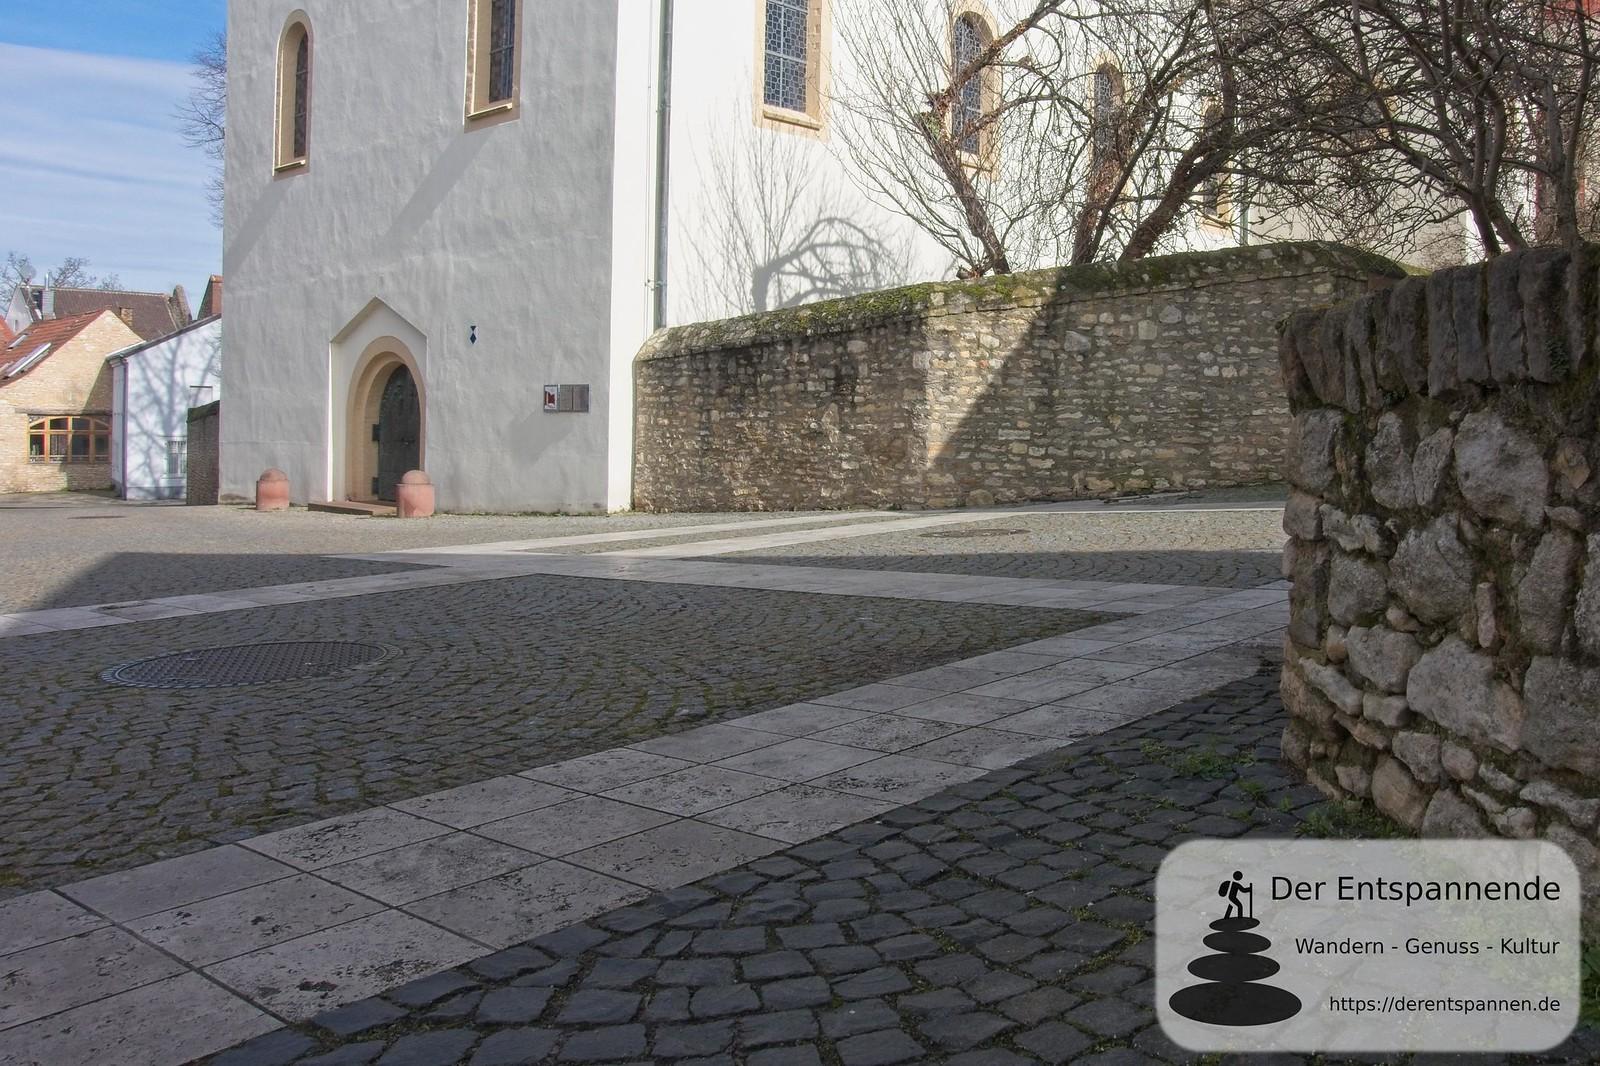 Weiße Travertinenplatte zeigen ehmalige Fundamente an (Kaiserpfalz Ingelheim)